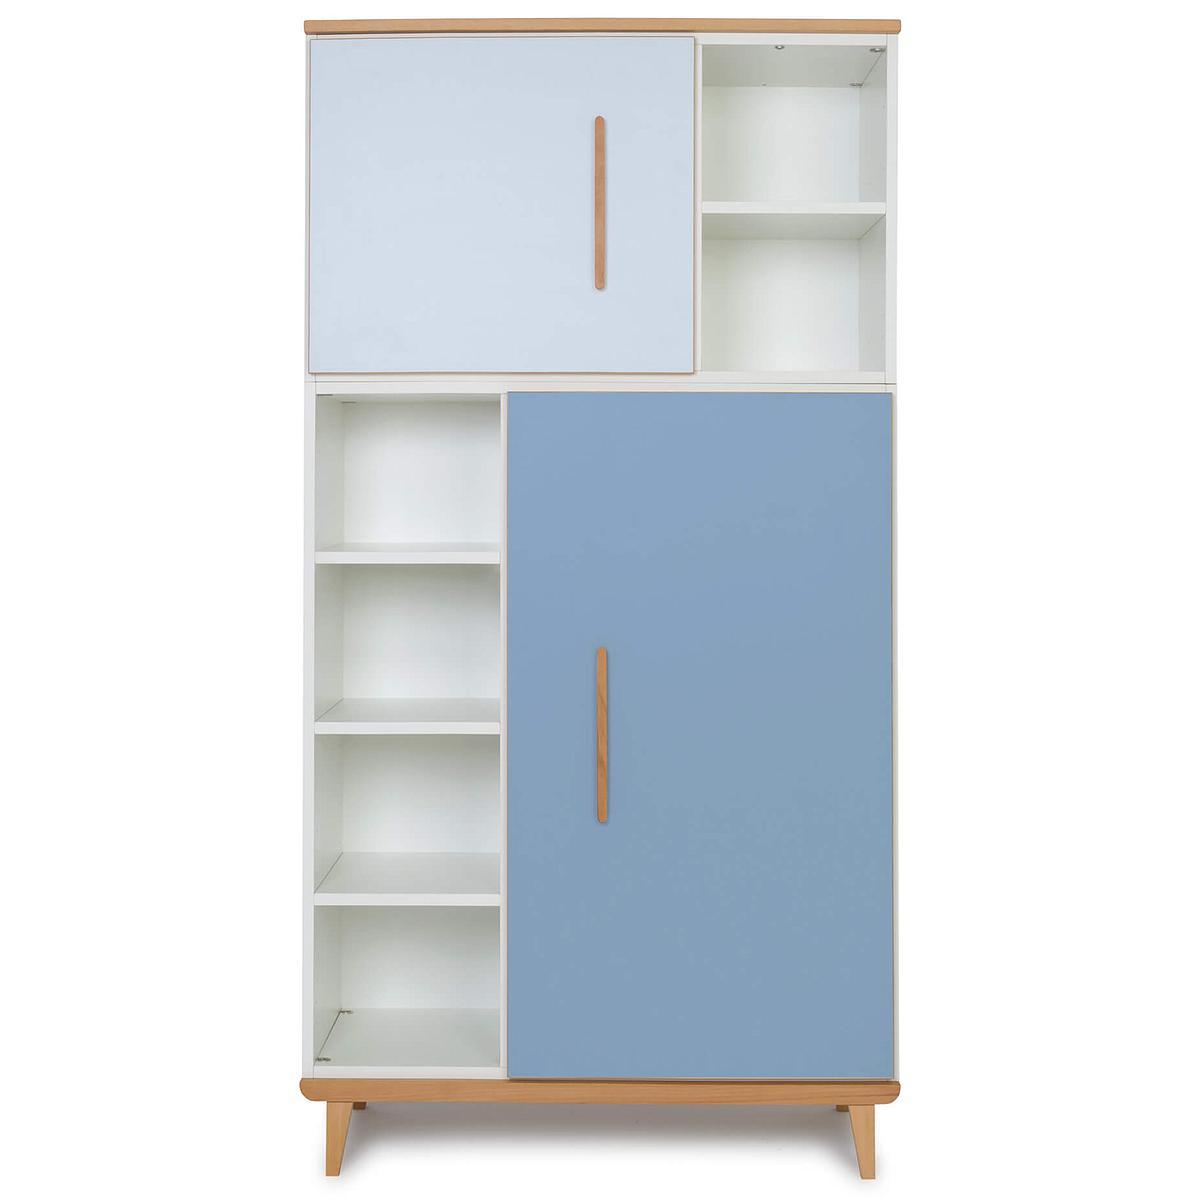 Armoire 173cm 2 portes NADO sky blue-capri blue